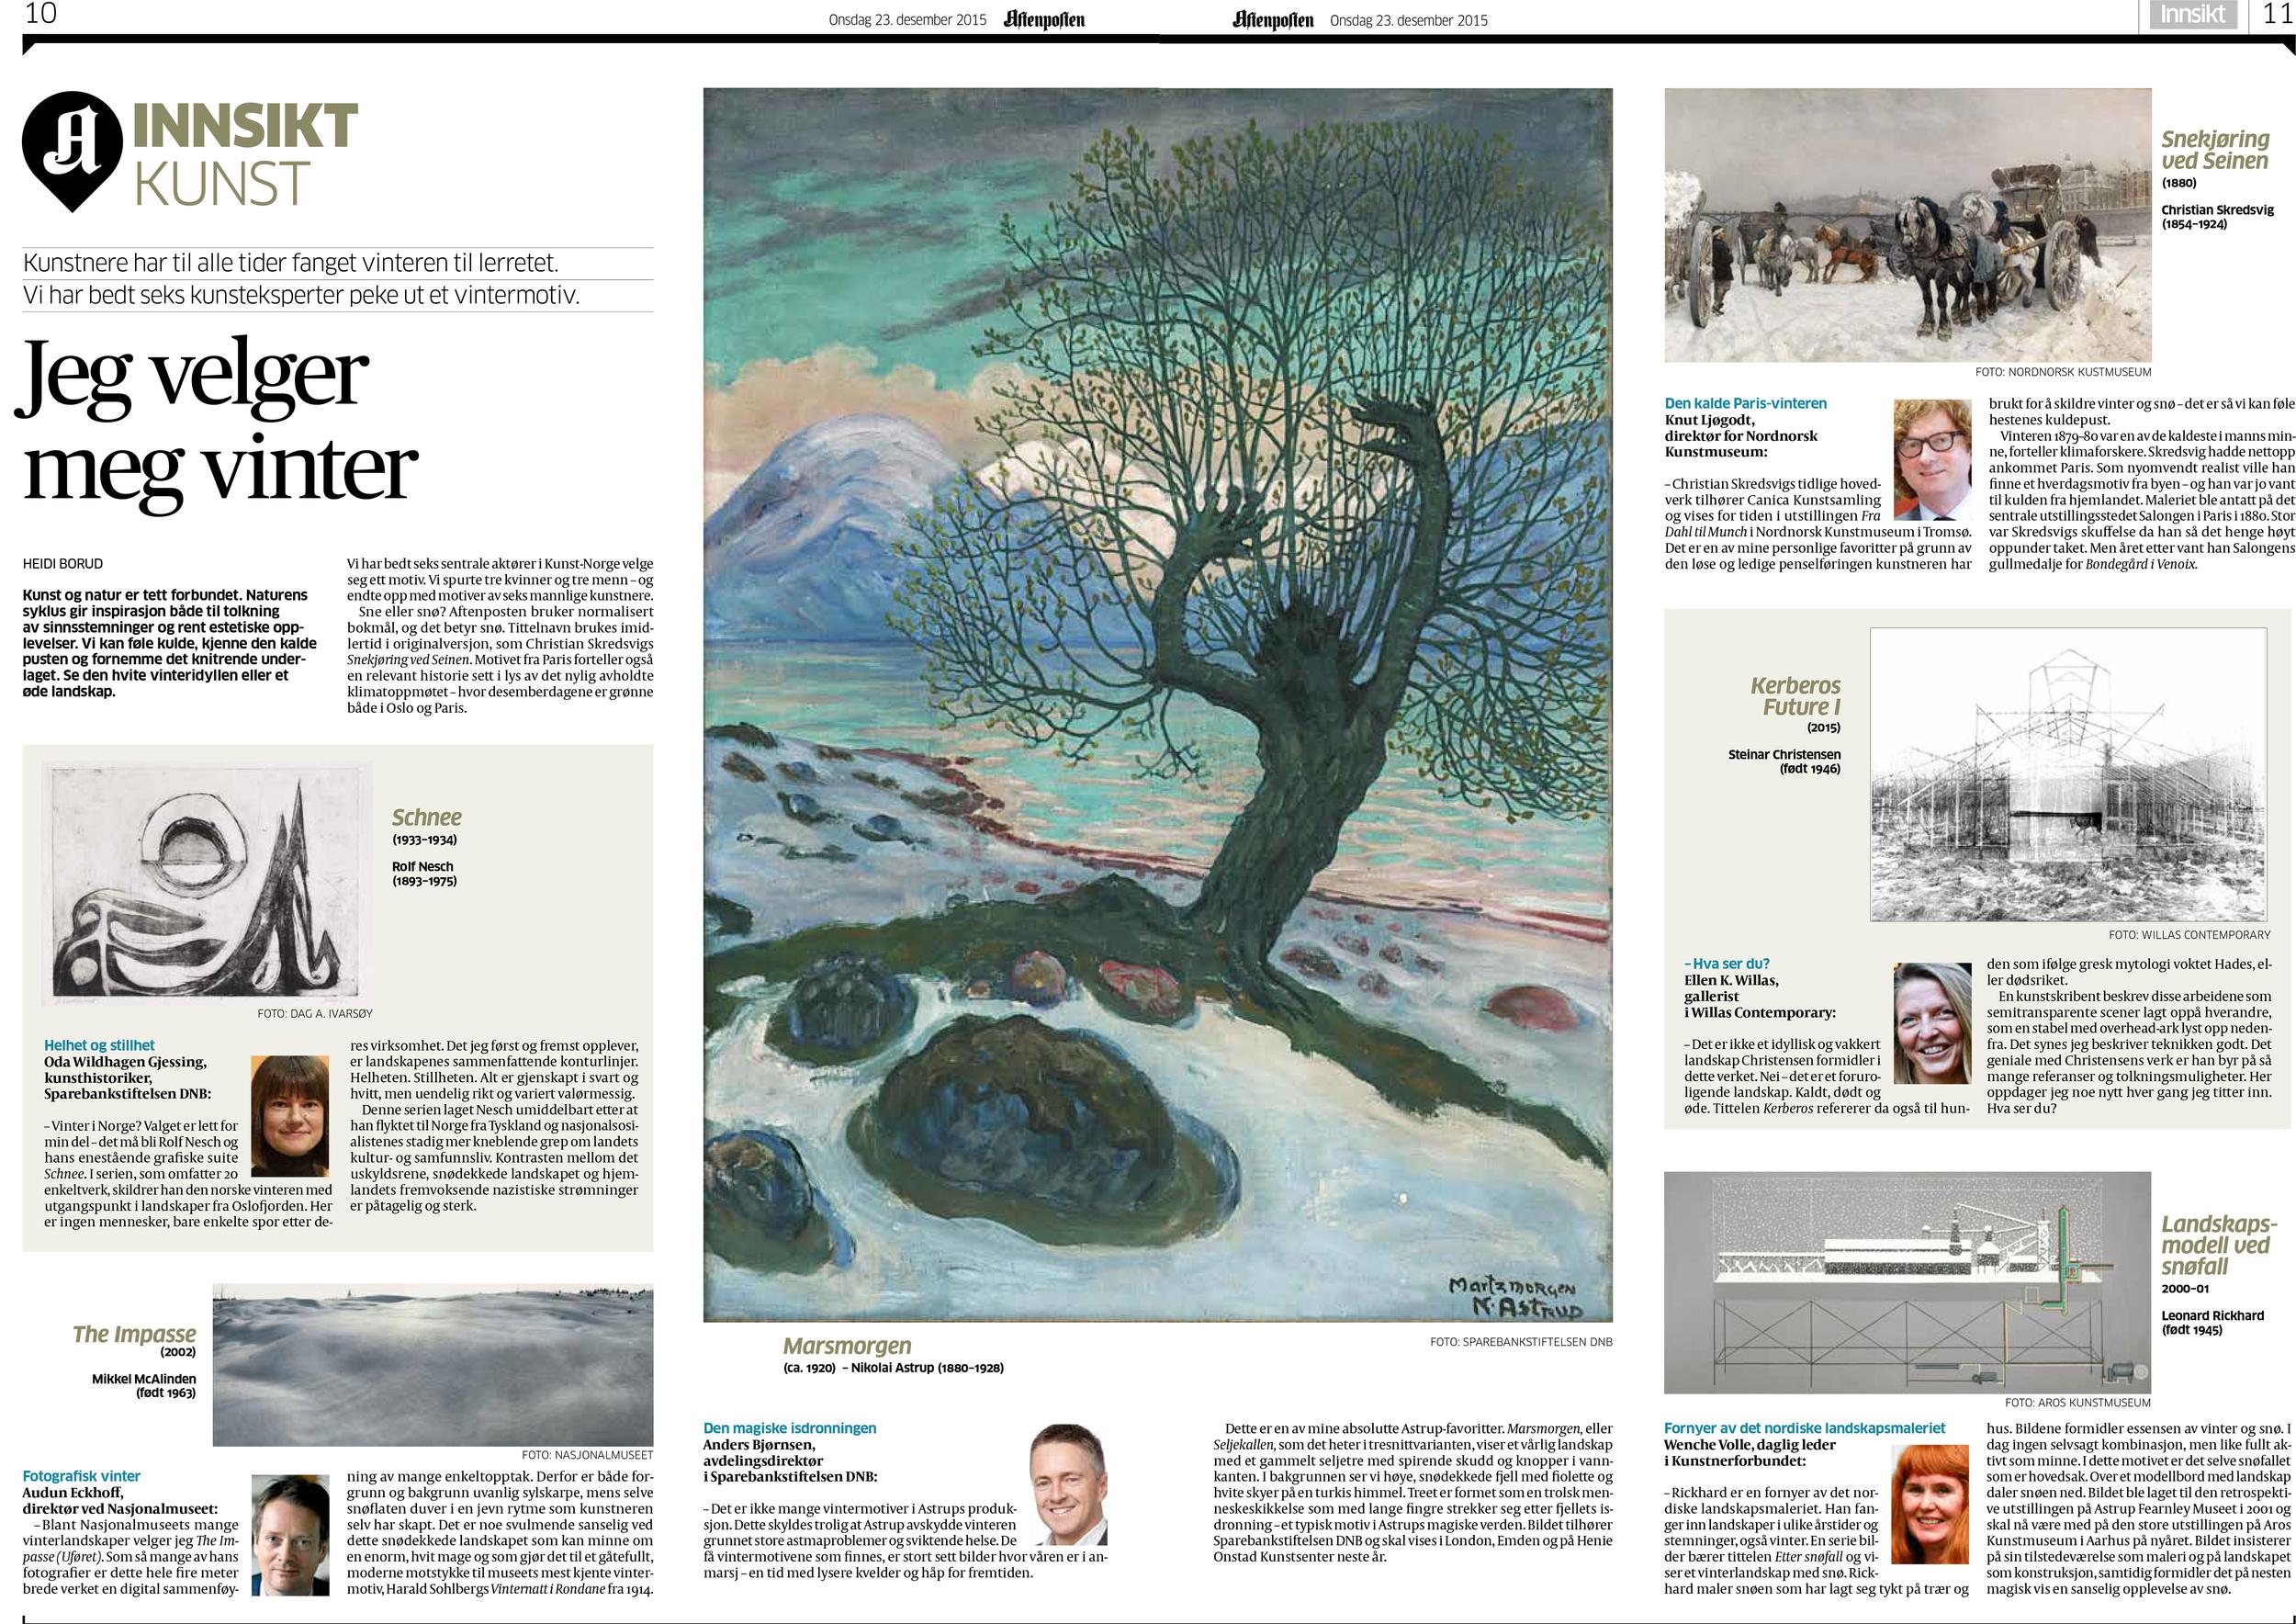 23.12.2015 Aftenposten 6 kunsteksperter.jpg